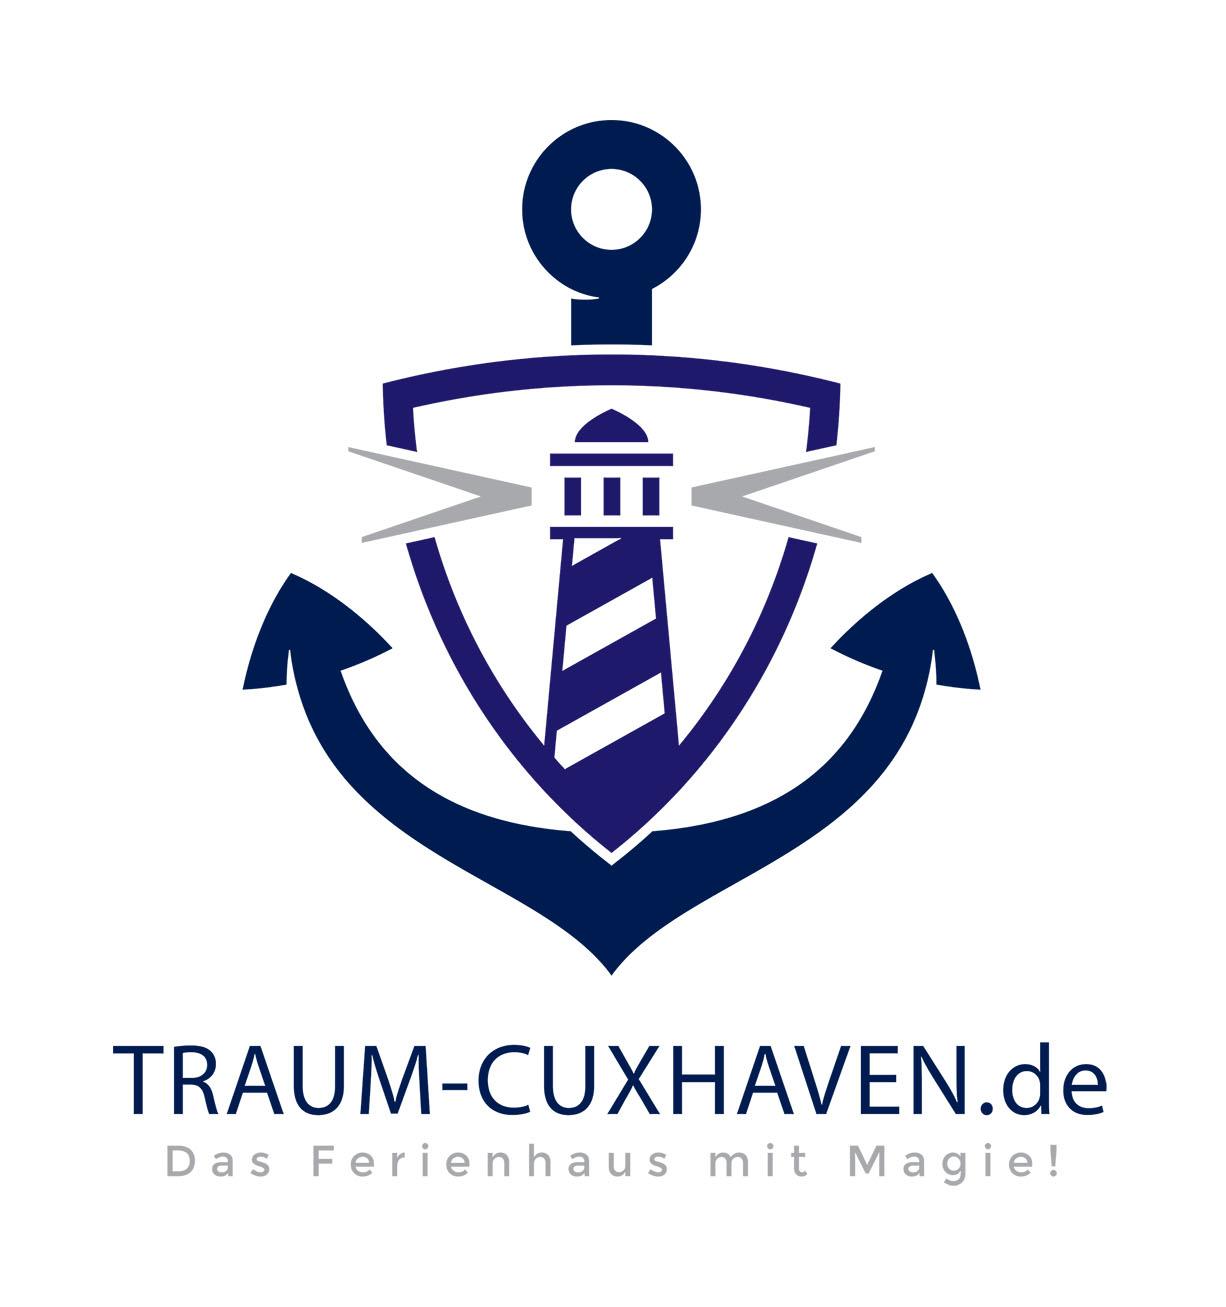 ferienhaus-cuxhaven-logo